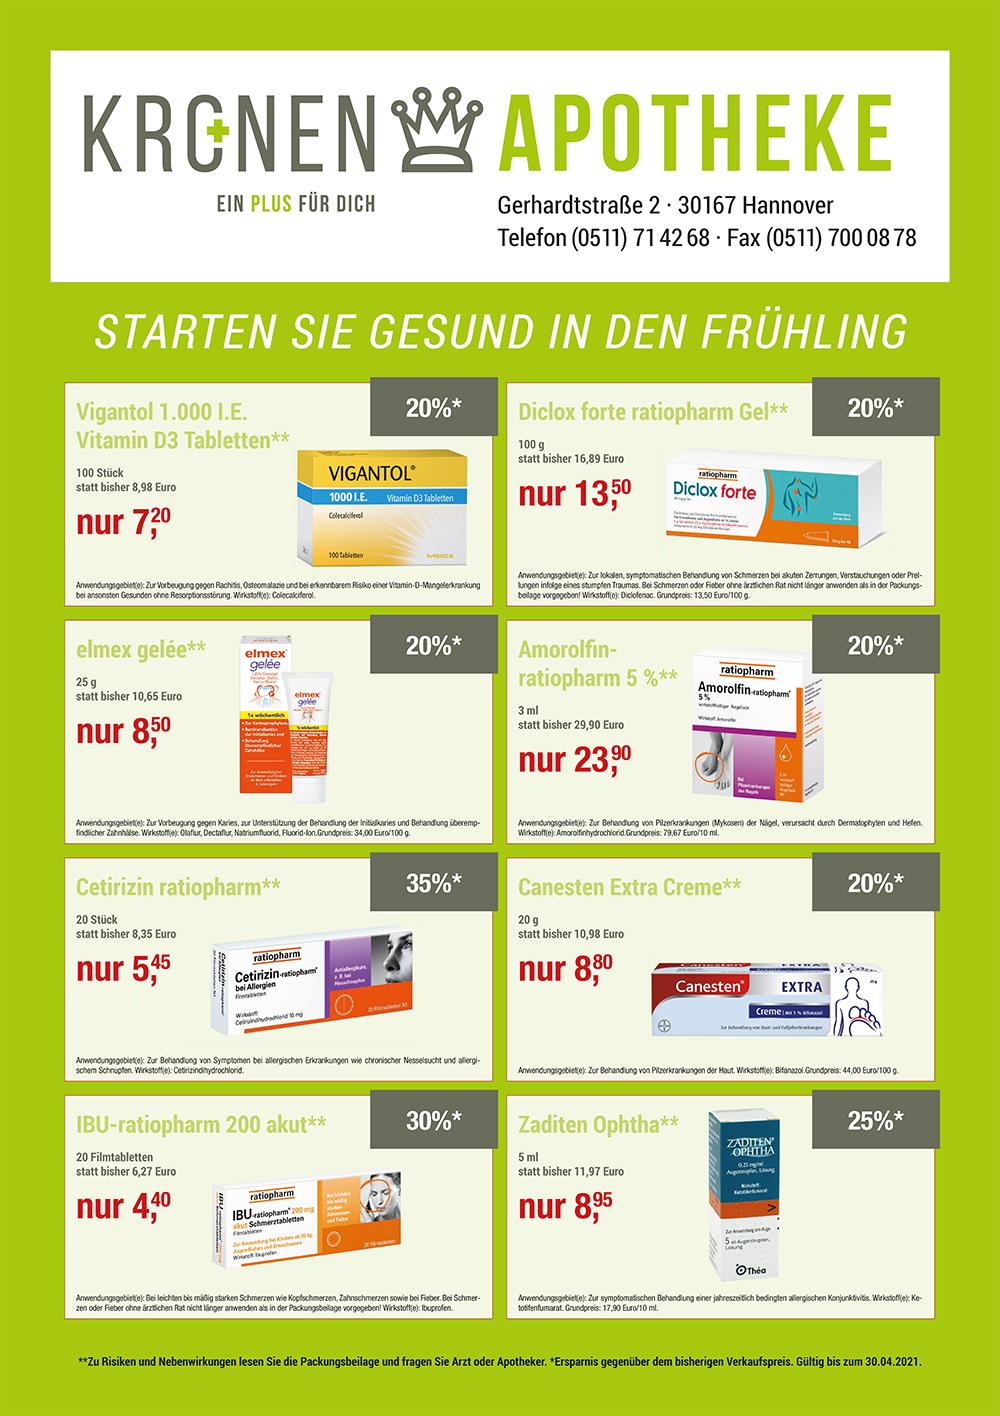 http://www.apotheken.de/fileadmin/clubarea/00000-Angebote/30167_kronen_angebot_1.jpg